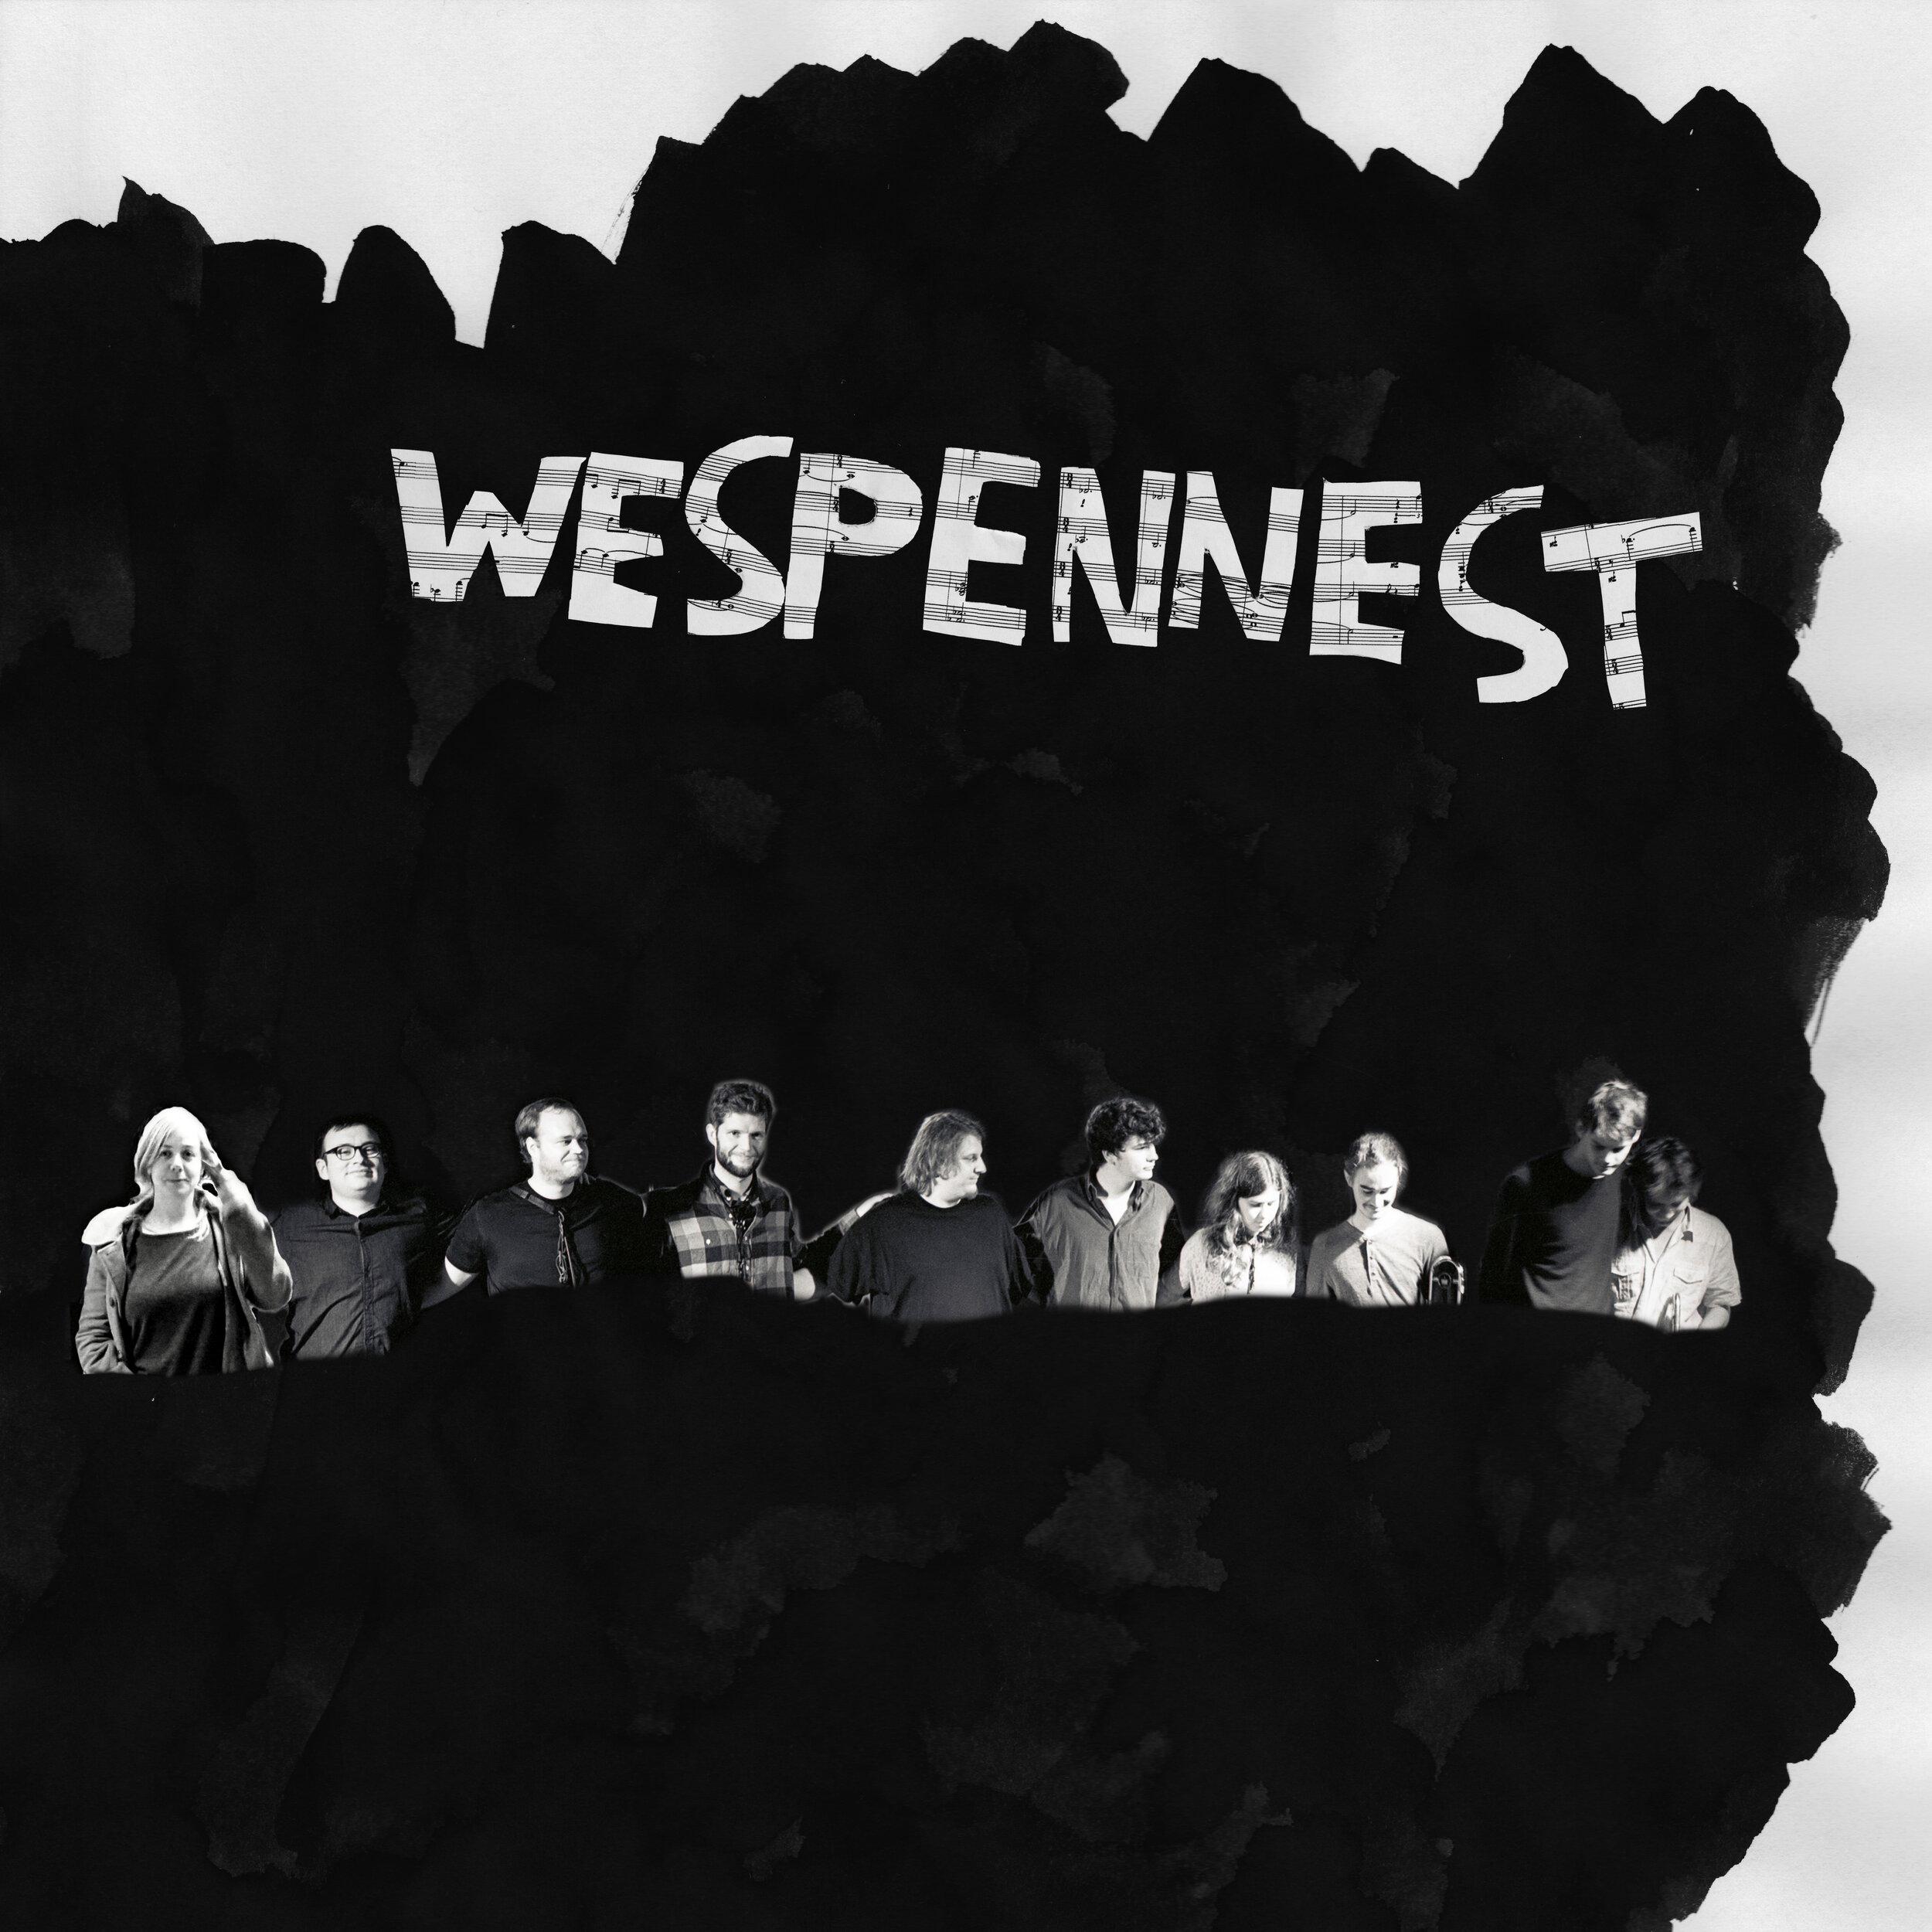 Wespennest-Cover6000x6000.jpg